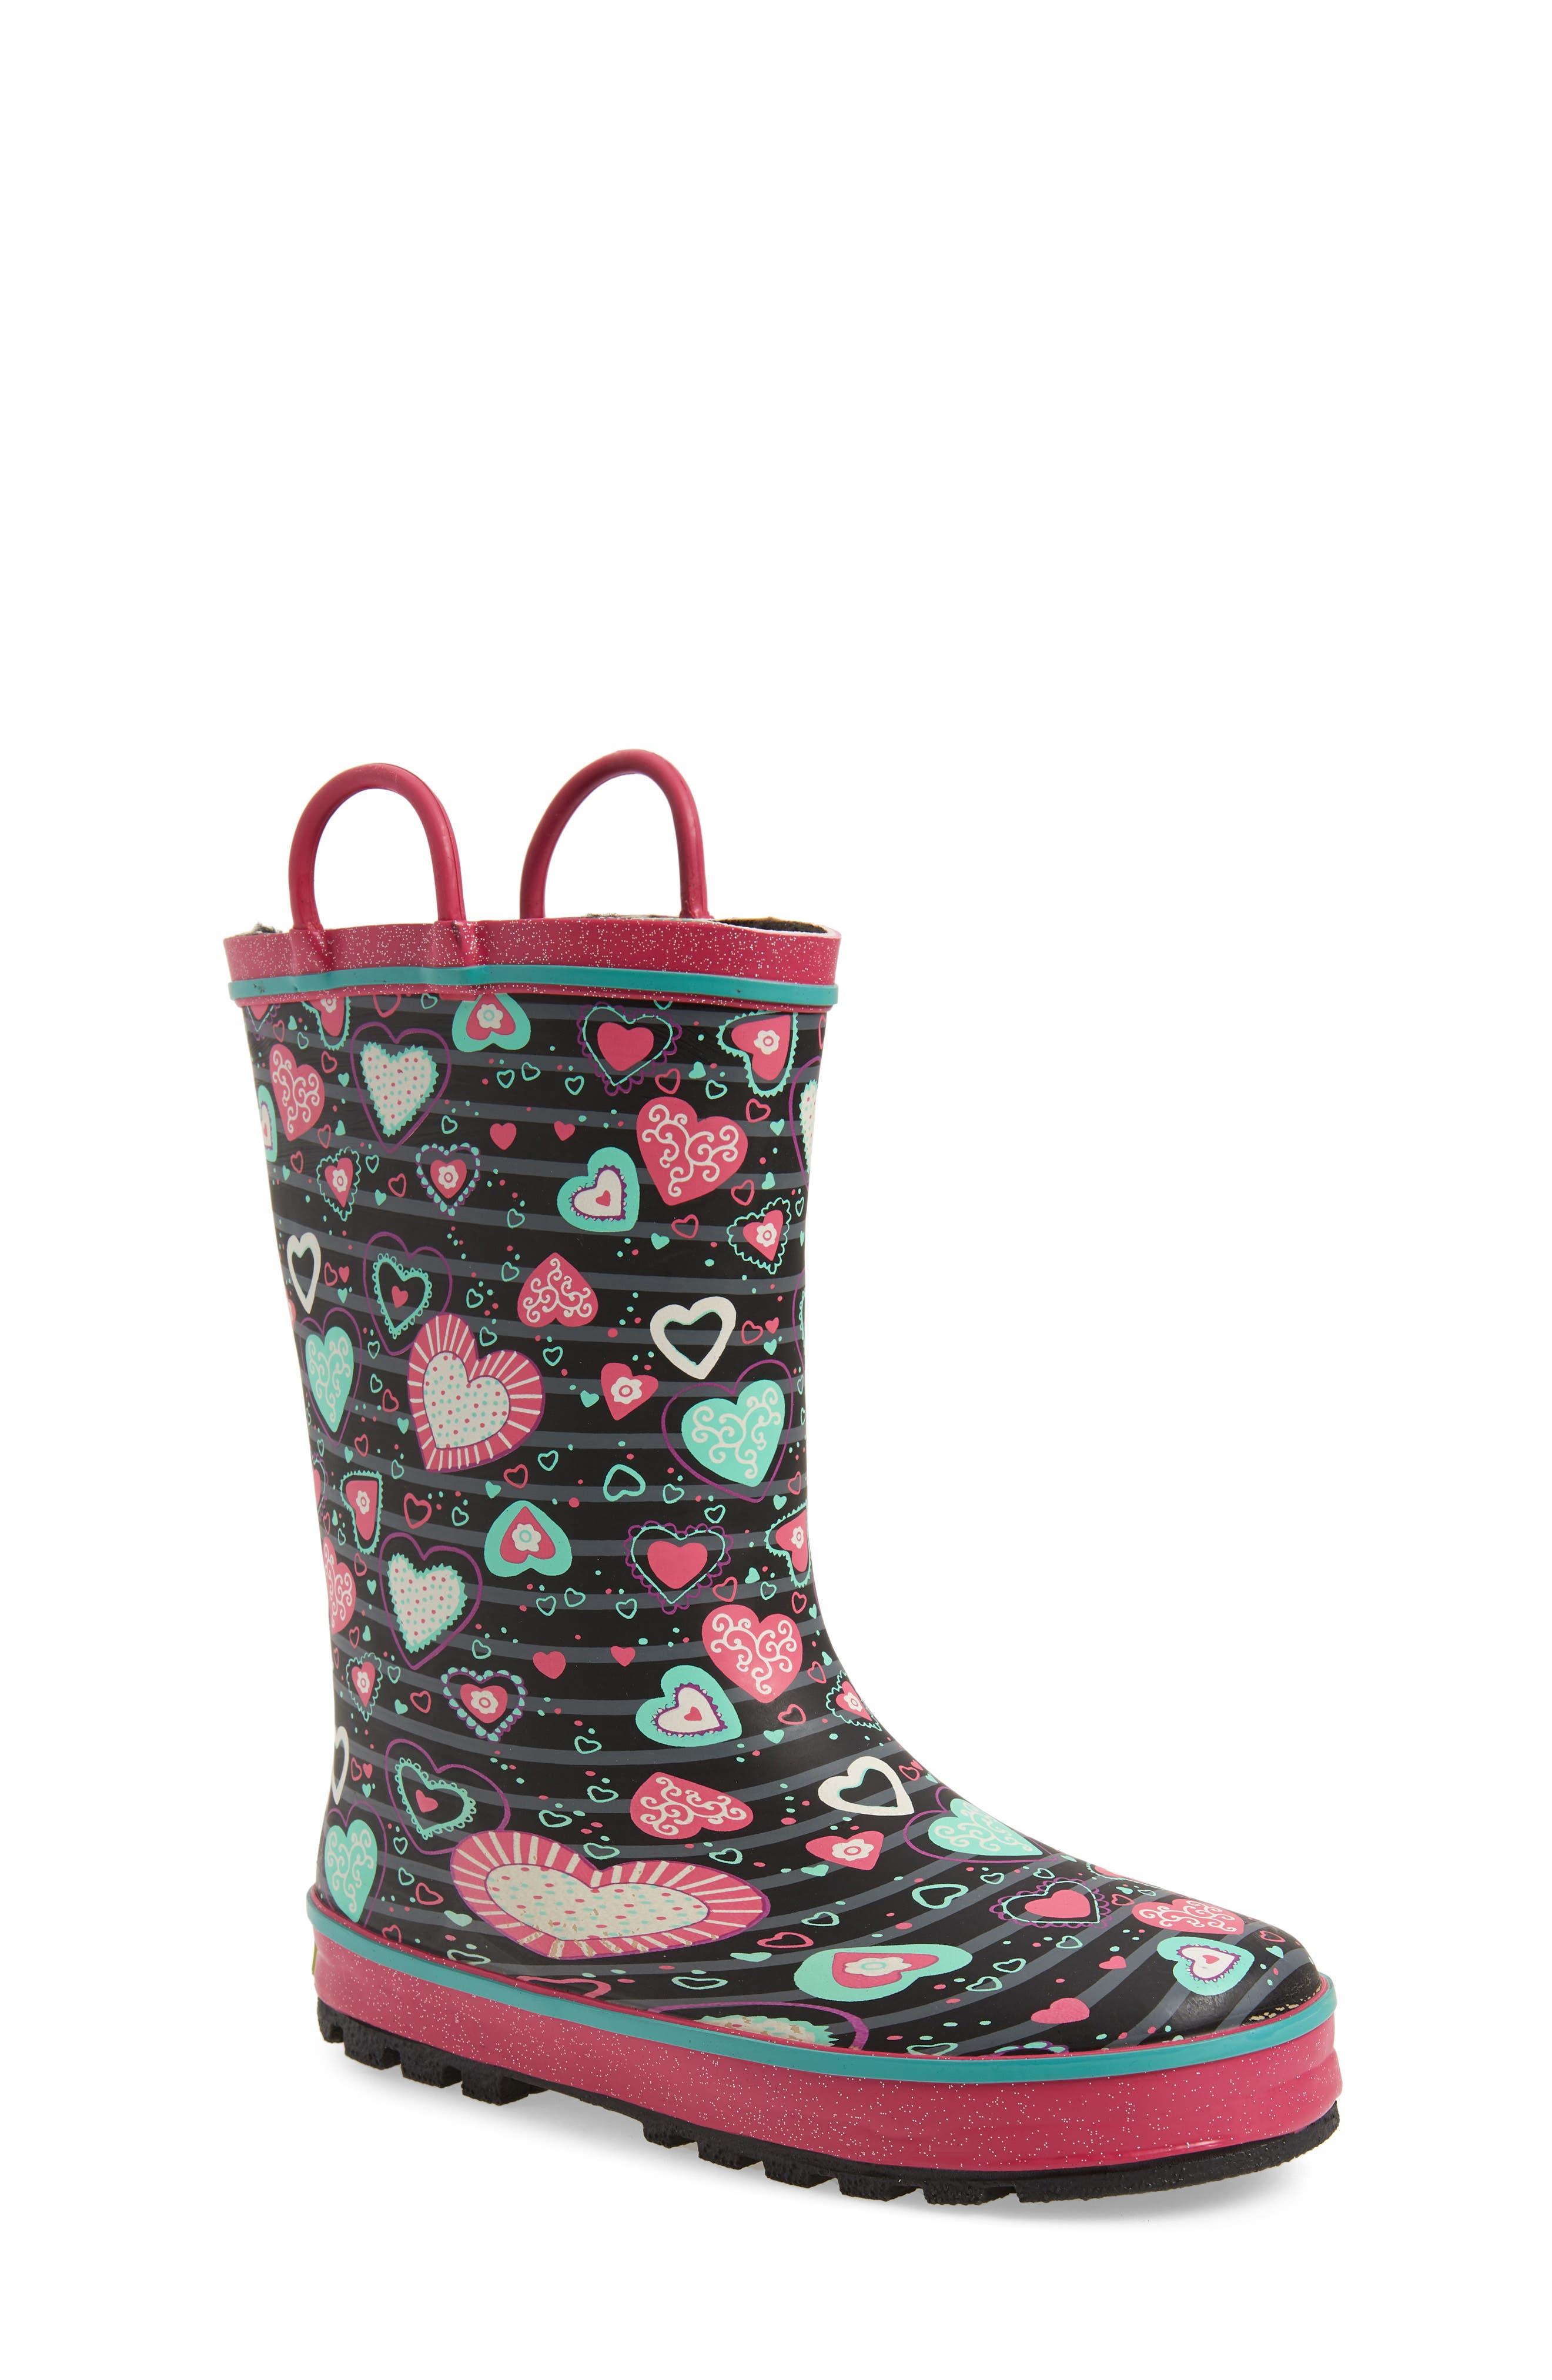 Neon Hearts Glitter Trim Waterproof Rain Boot, Main, color, MULTI